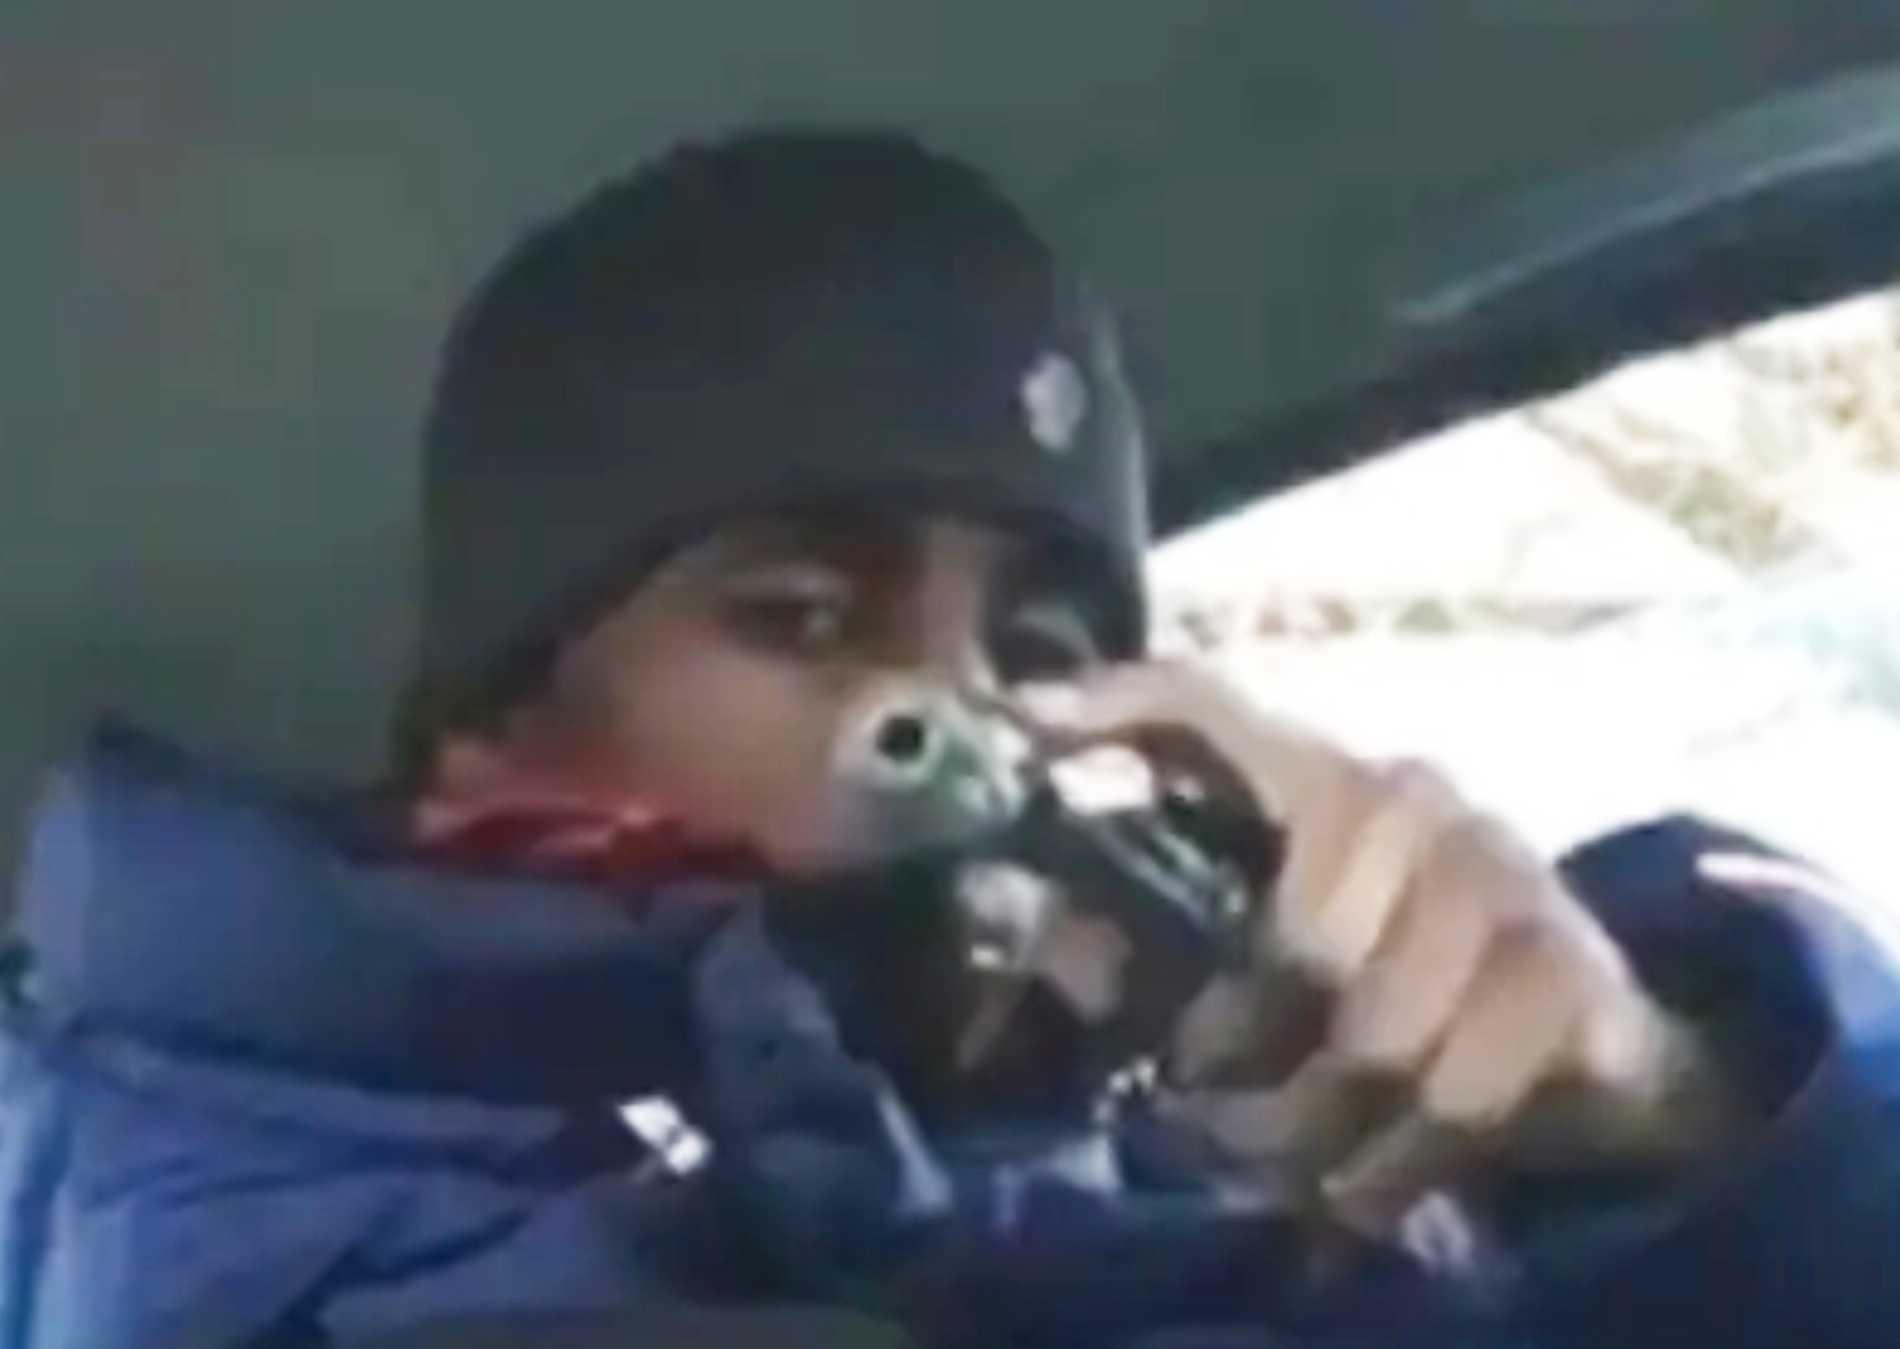 Mohamed Ali, 22, ledare i gänget Dödspatrullen sköt den 25 juni 2019 ihjäl två Shottaz-medlemmar då de satt i en svenskregistrerad bil i Herlev utanför Köpenhamn.